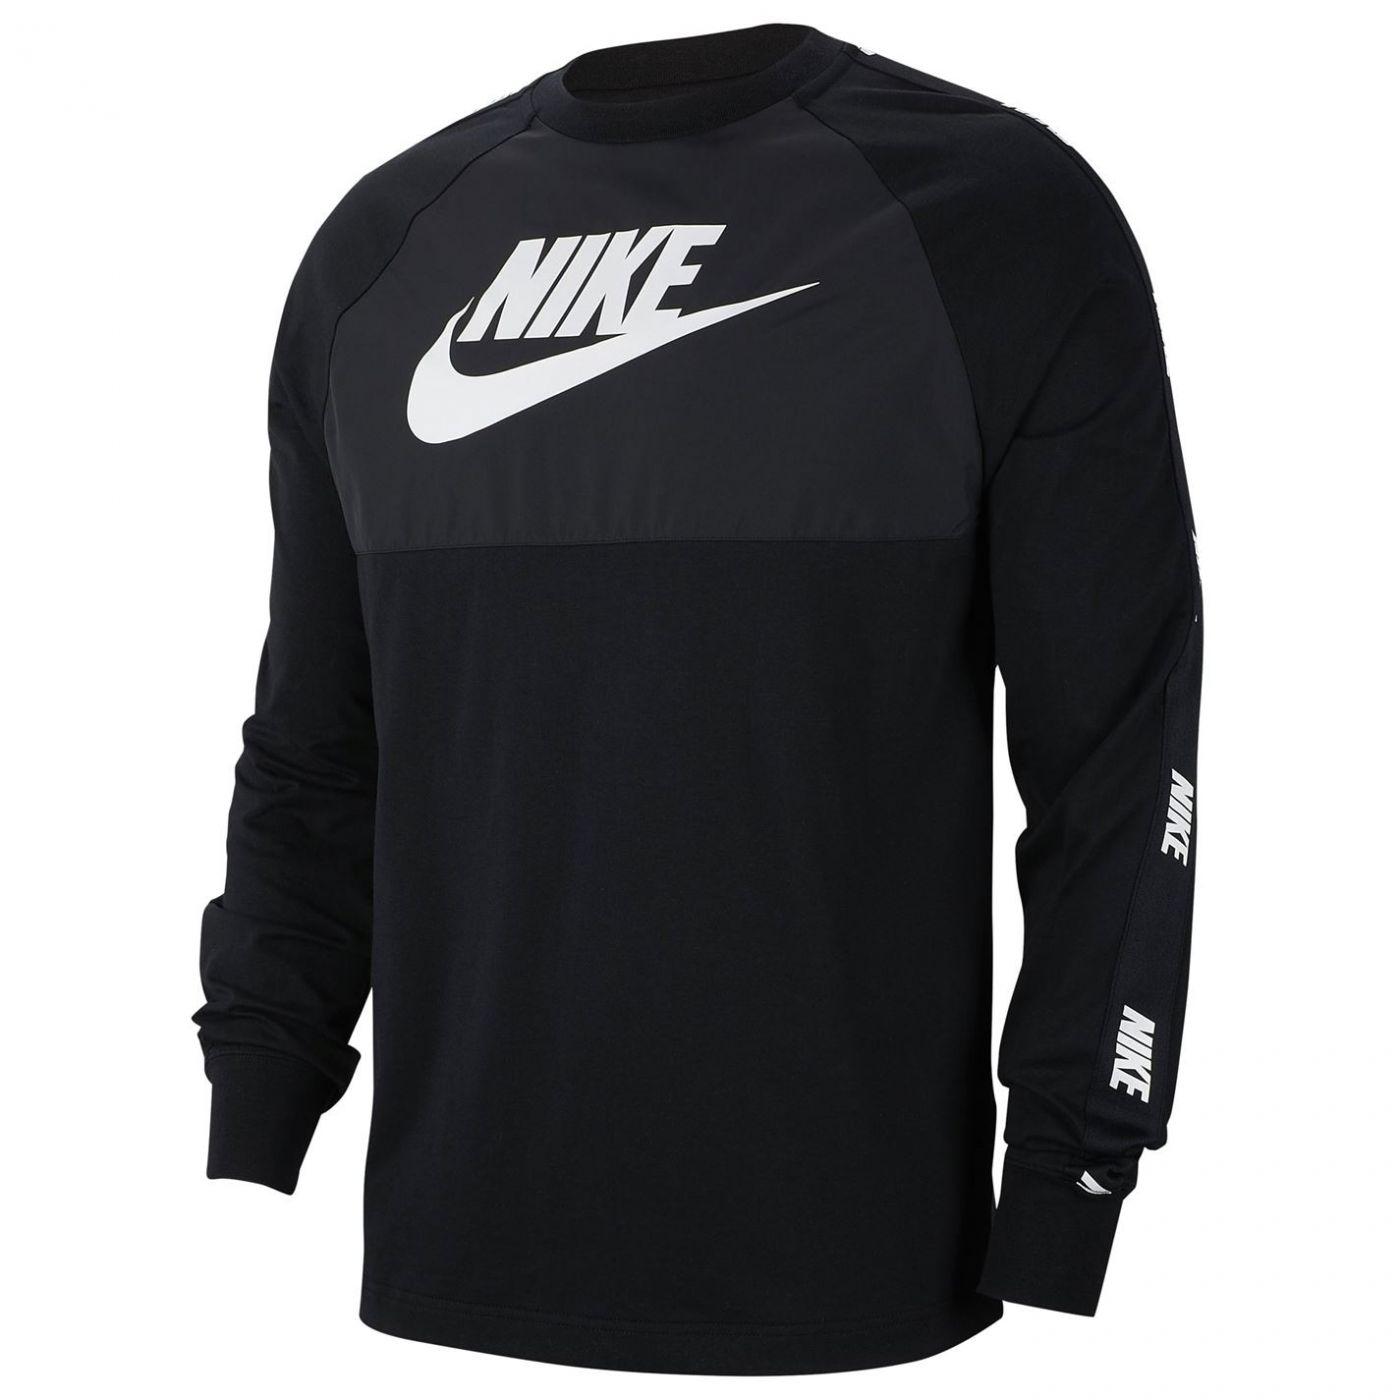 Nike Hybrid Flc CrewSn02